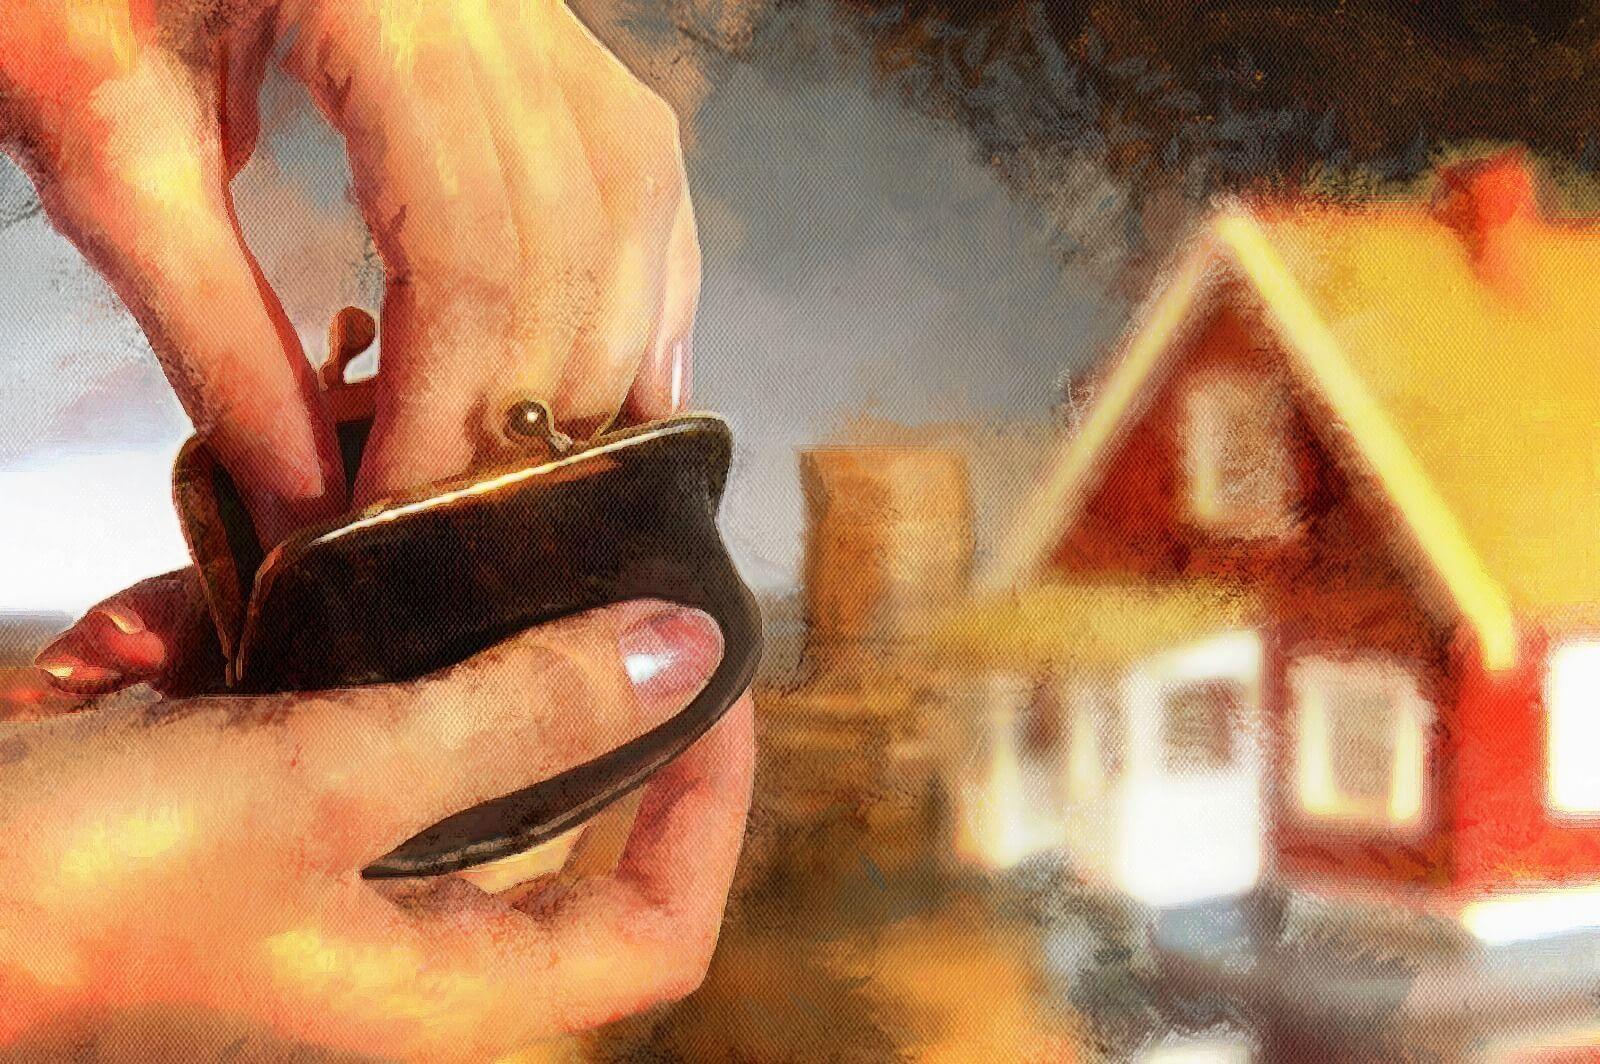 Что выгоднее — досрочно погасить ипотеку или потребительский кредит? И как закрыть ипотеку потребительским кредитом?